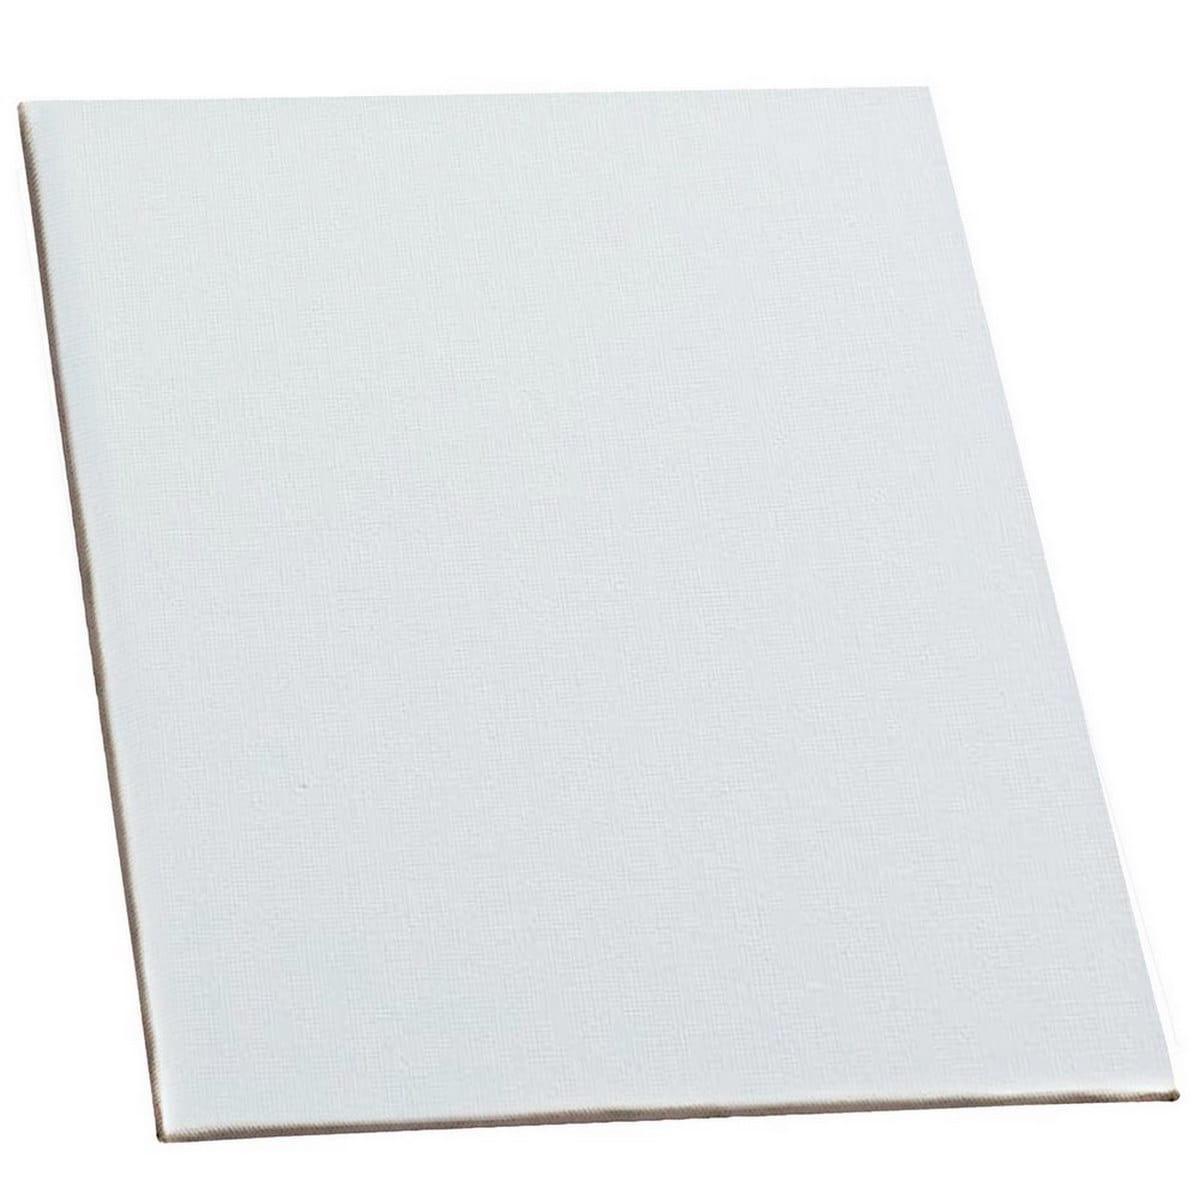 MDF White Canvas Board Size: 30.5 X 40.6 cm (12x16 Inches)